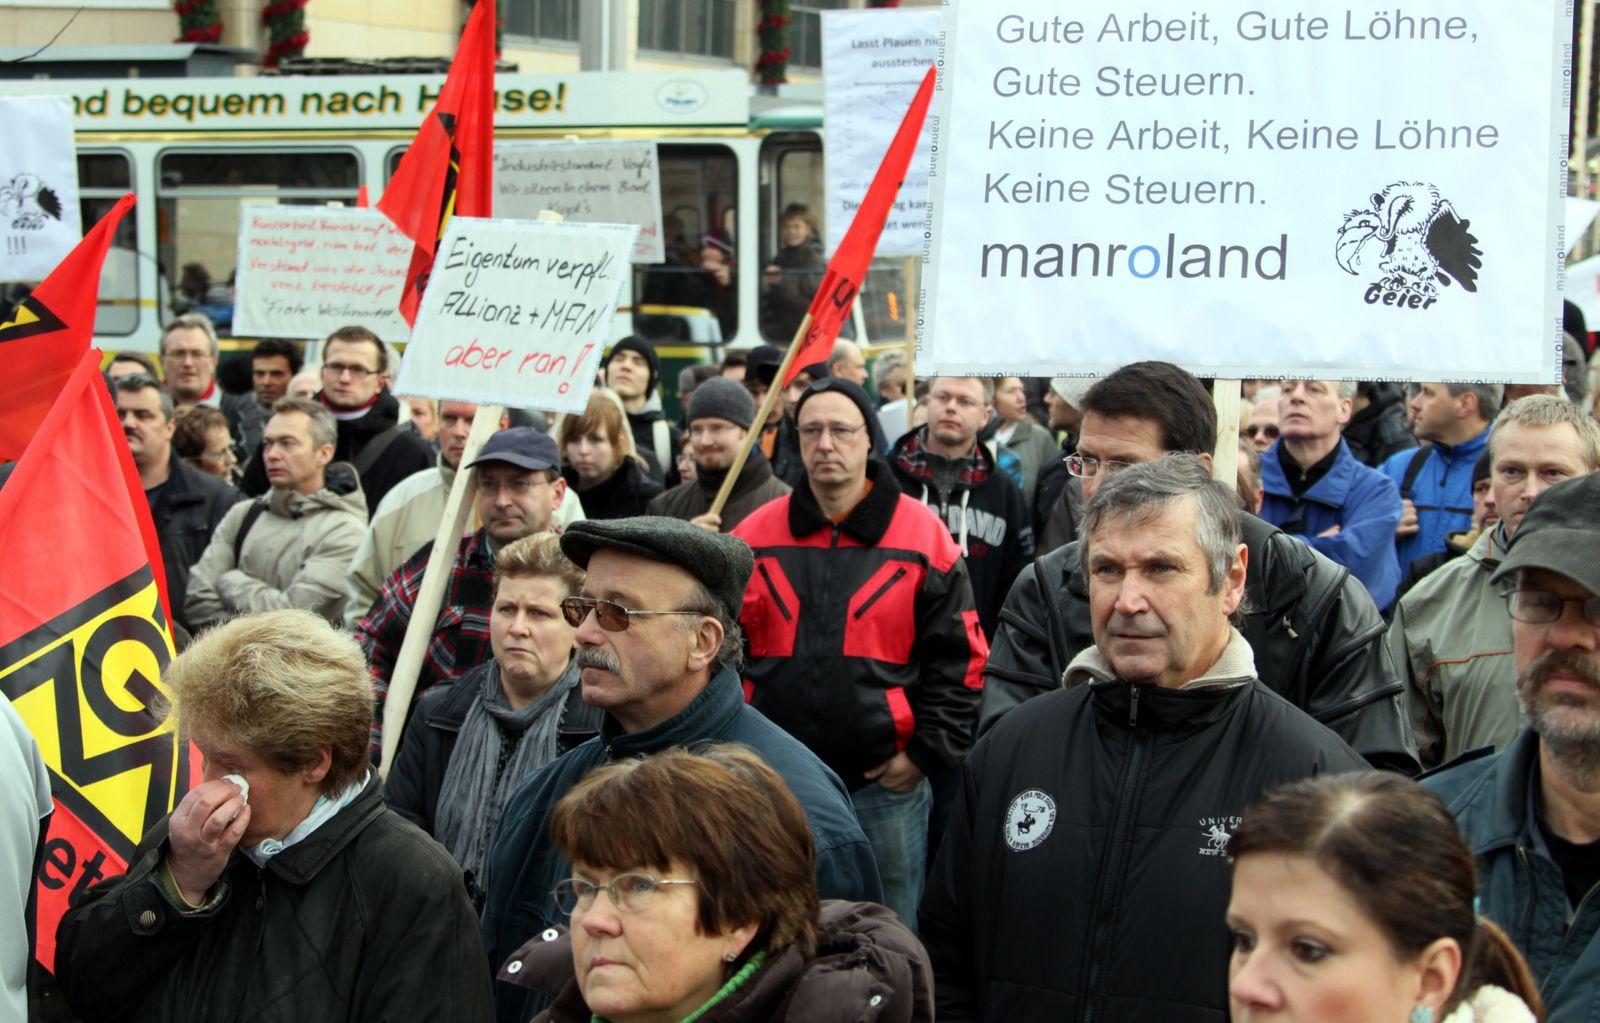 NICHT VERWENDEN Unternehmen / Aktionen / Manroland / Demonstration IGM